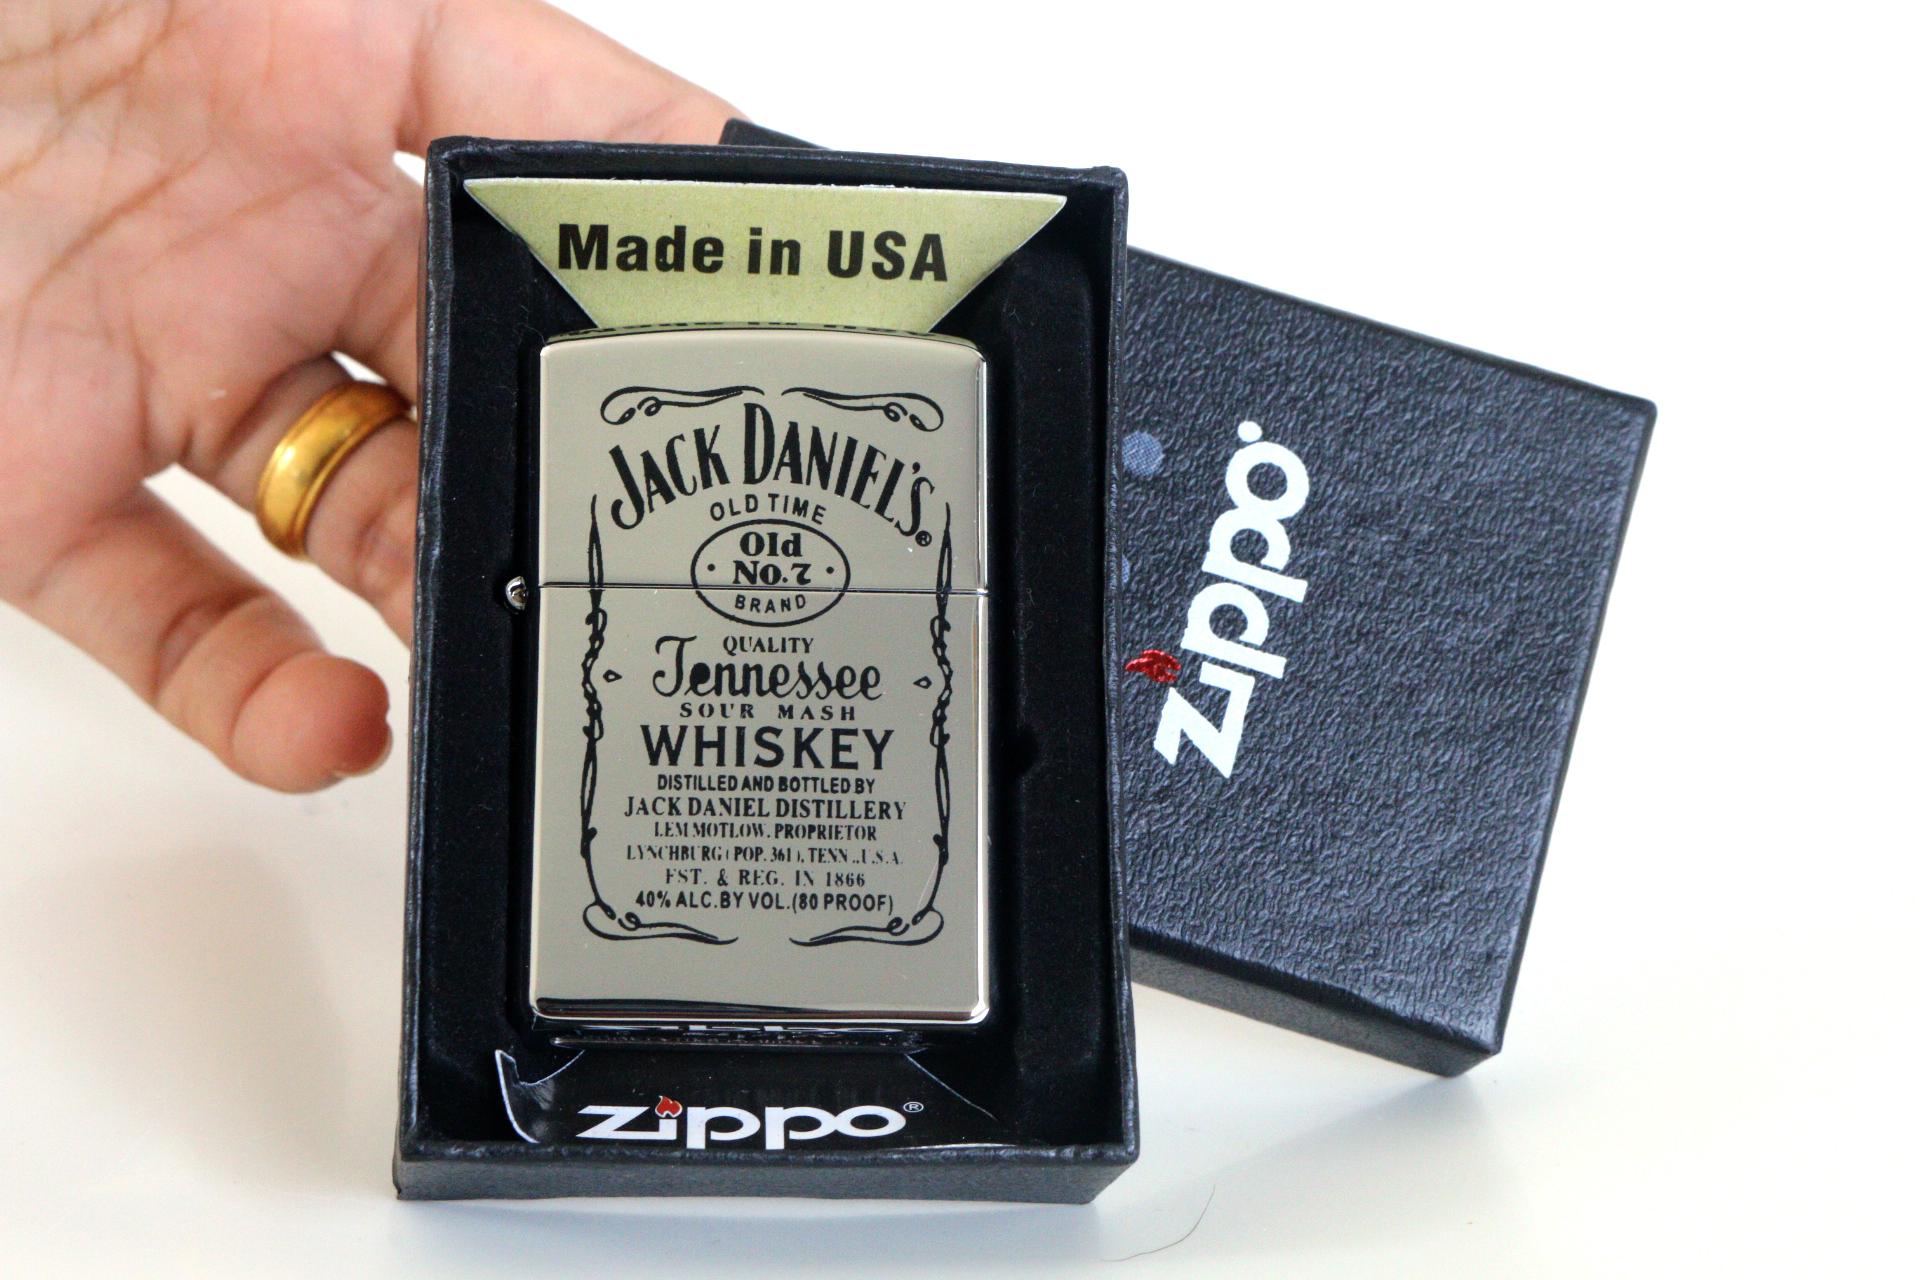 ไฟแช็ค Zippo ลายซิปโป้ ลาย Jack Daniel's Jennessee Whisky บอดี้สีเงินเงา ตัวงาน Mirror